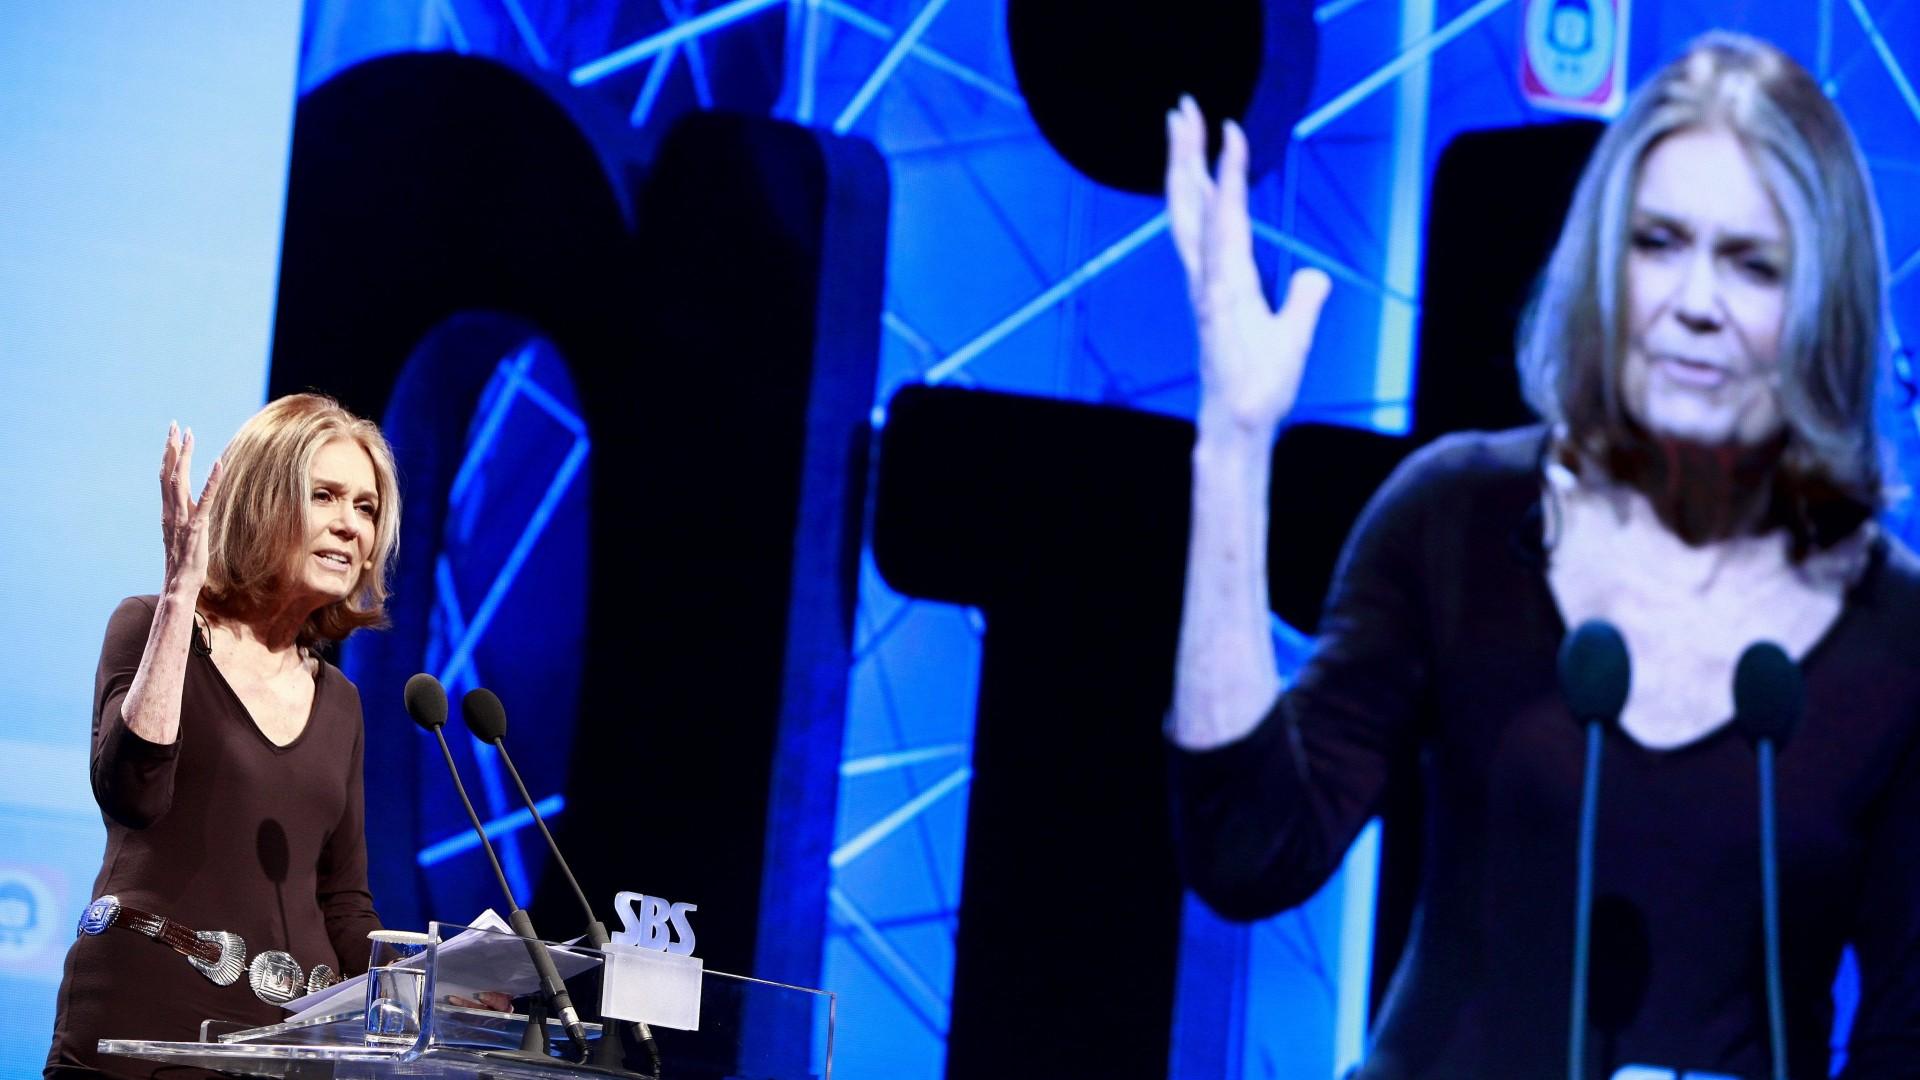 Gloria Steinem, icono del feminismo estadounidense, Premio Princesa de Asturas de Comunicación y Humanidades